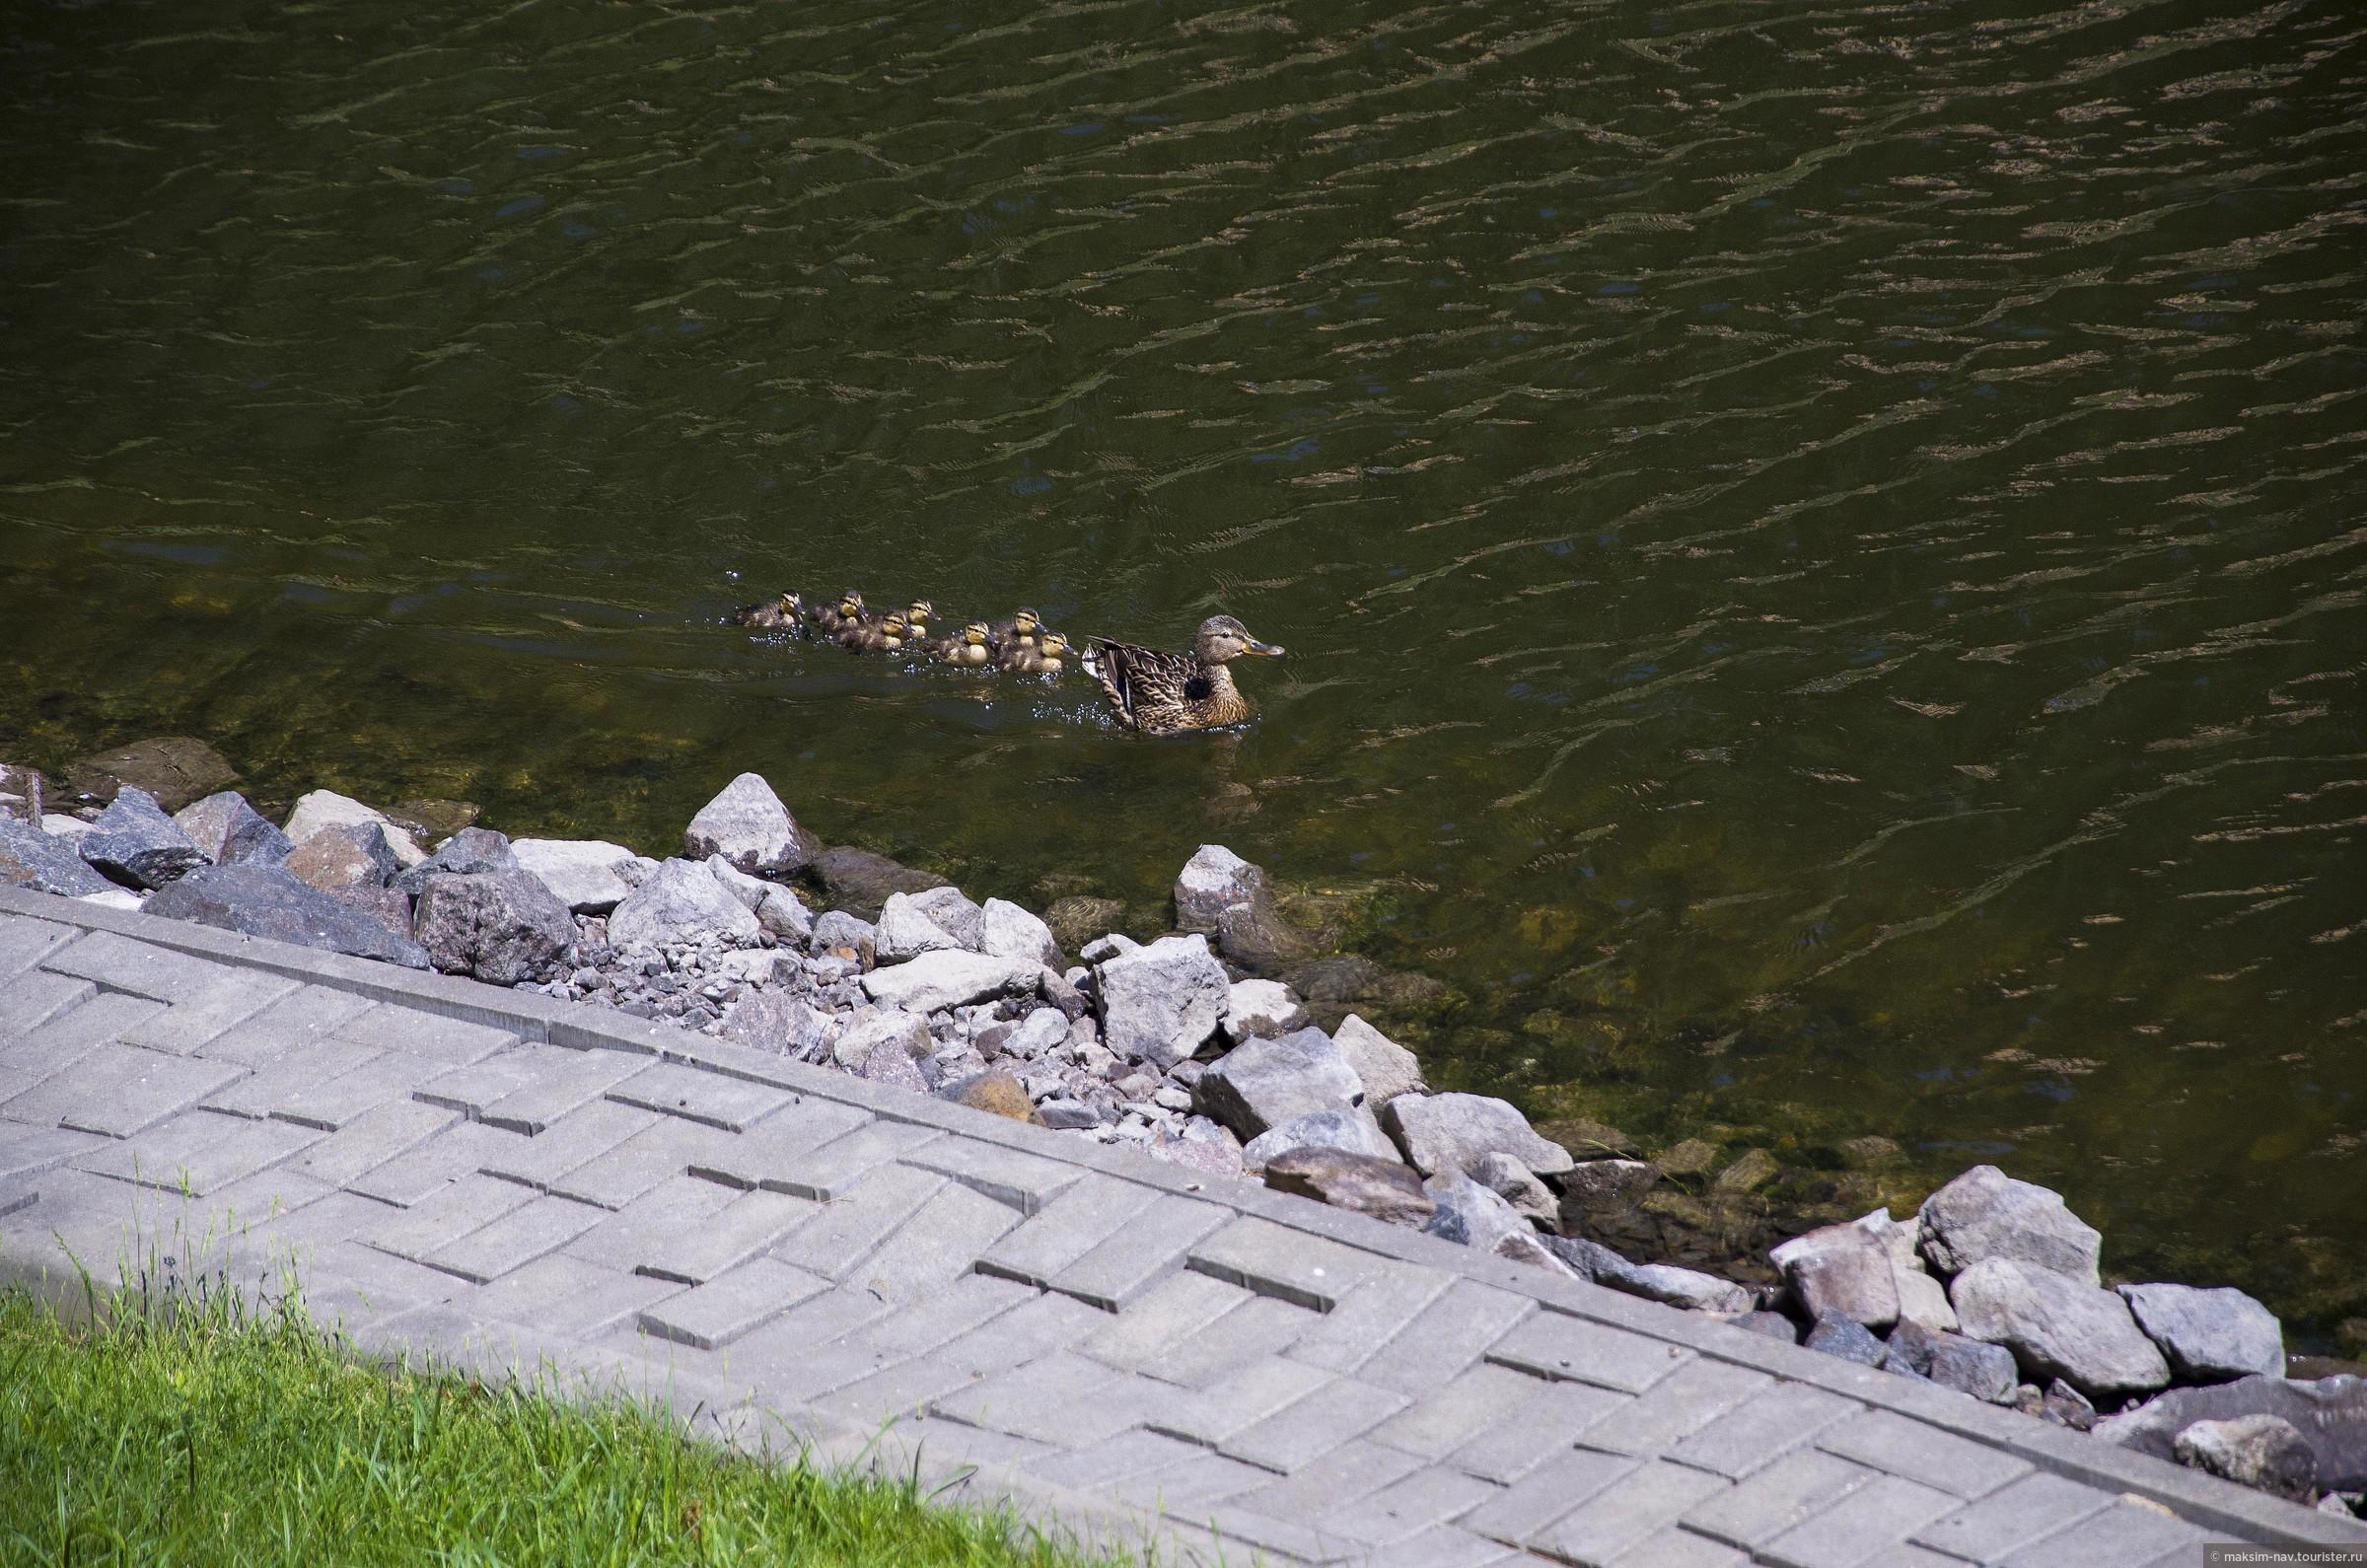 Хотя, помимо лебедей, здесь водятся и другие пернатые., Гомельский дворцово-парковый ансамбль.